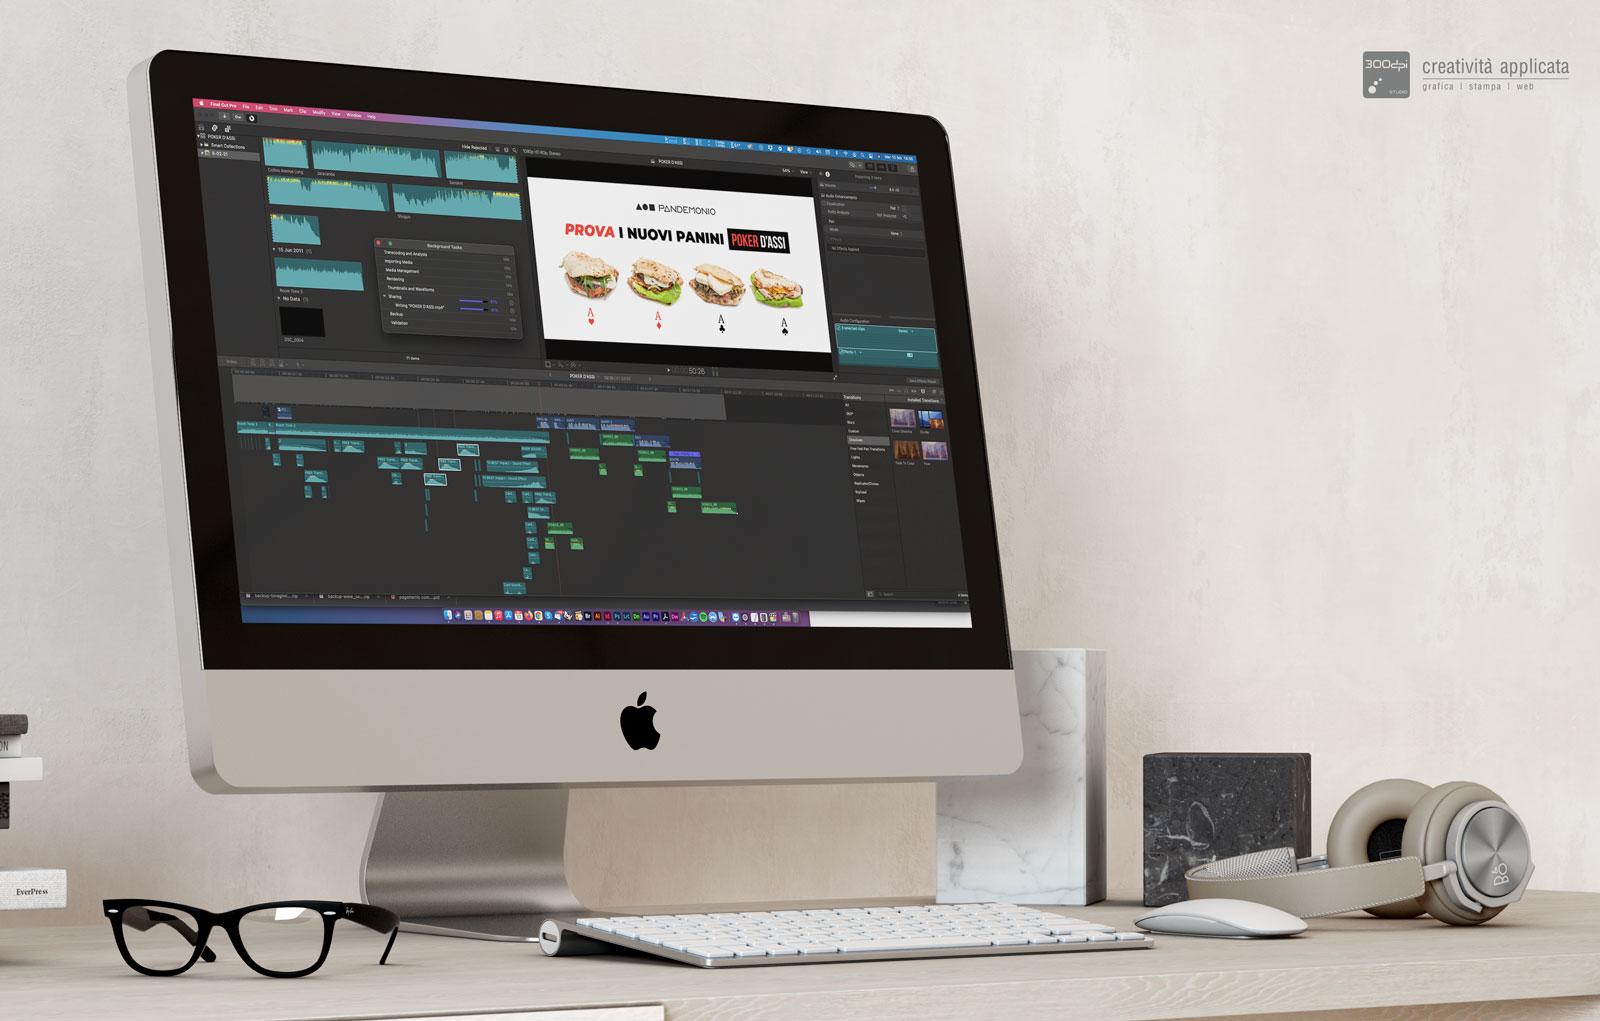 Realizzazione video pubblicitari - 300dpi STUDIO